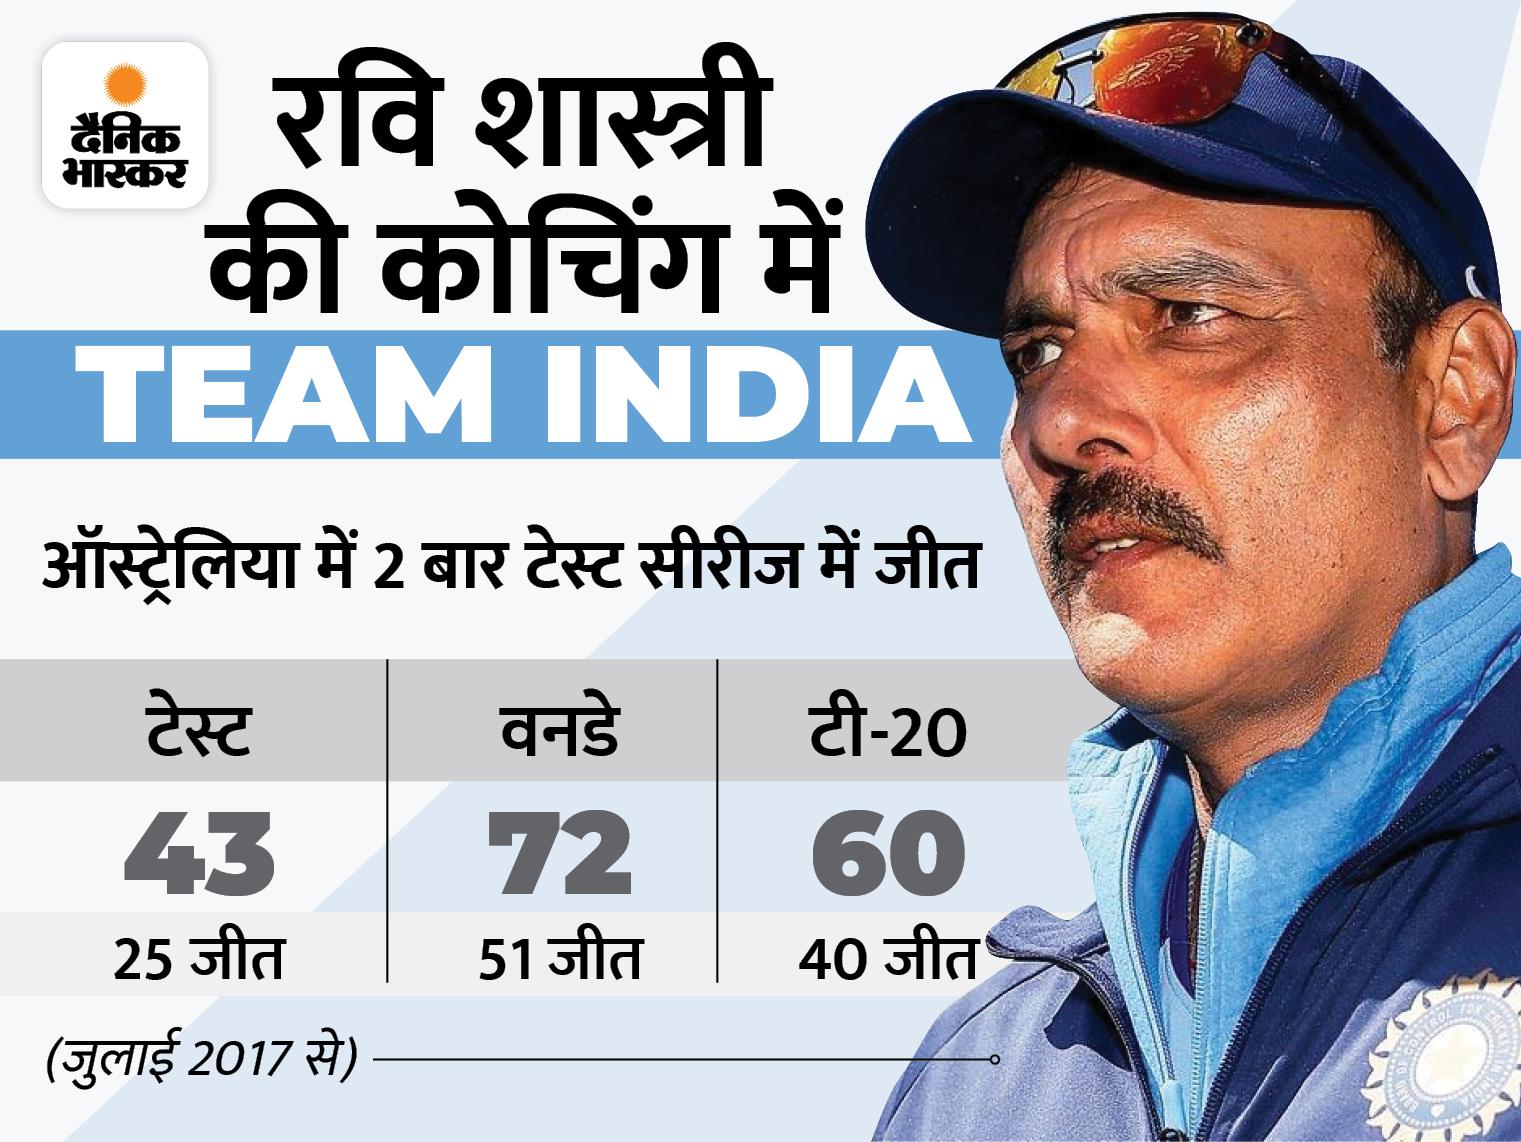 न्यूजीलैंड सीरीज से पहले टीम इंडिया को मिलेगा नया हेड कोच, बोर्ड जल्द शुरू करेगा प्रक्रिया|क्रिकेट,Cricket - Dainik Bhaskar